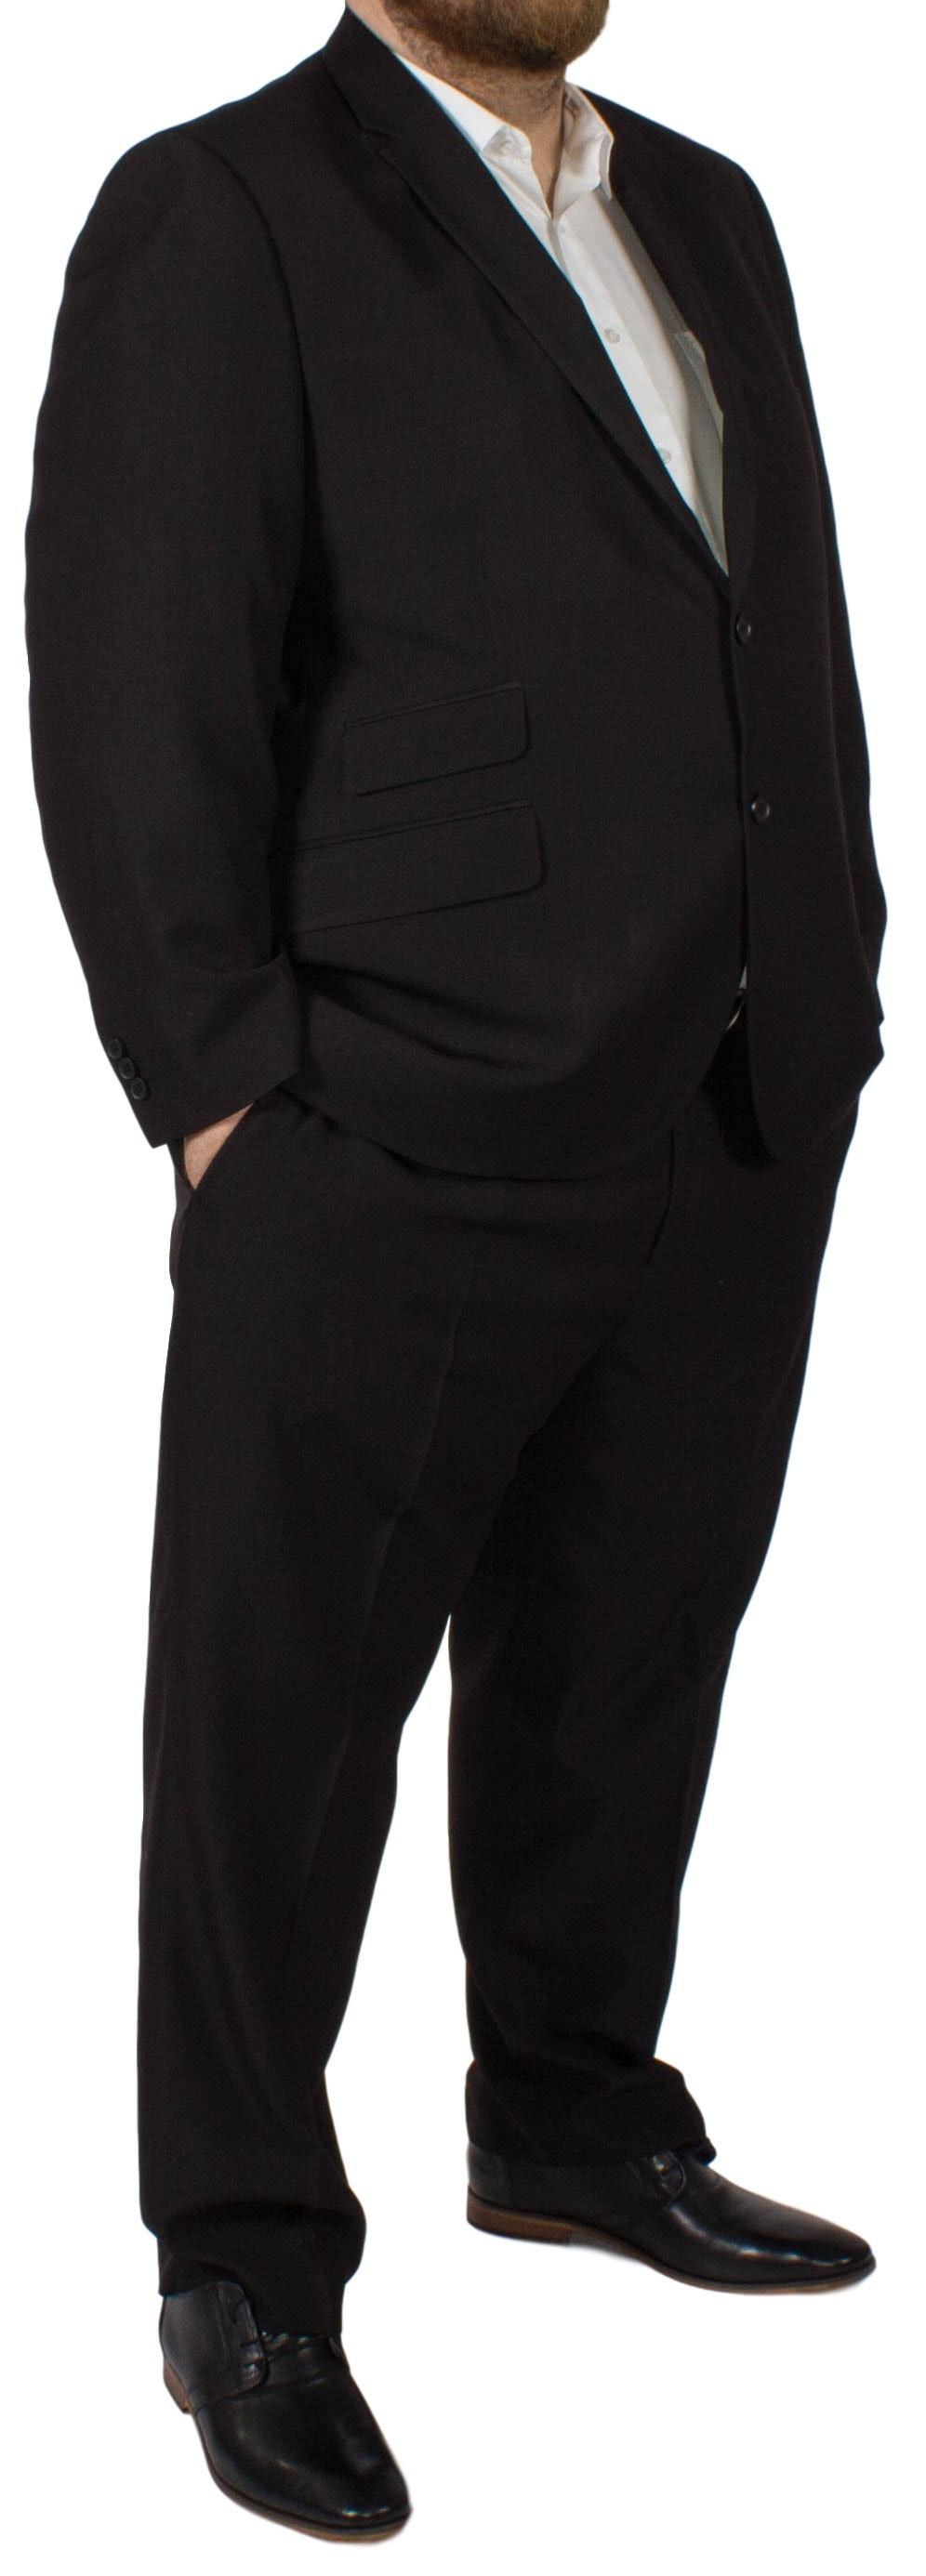 McCarthy Alberto Easy Fit Suit Black